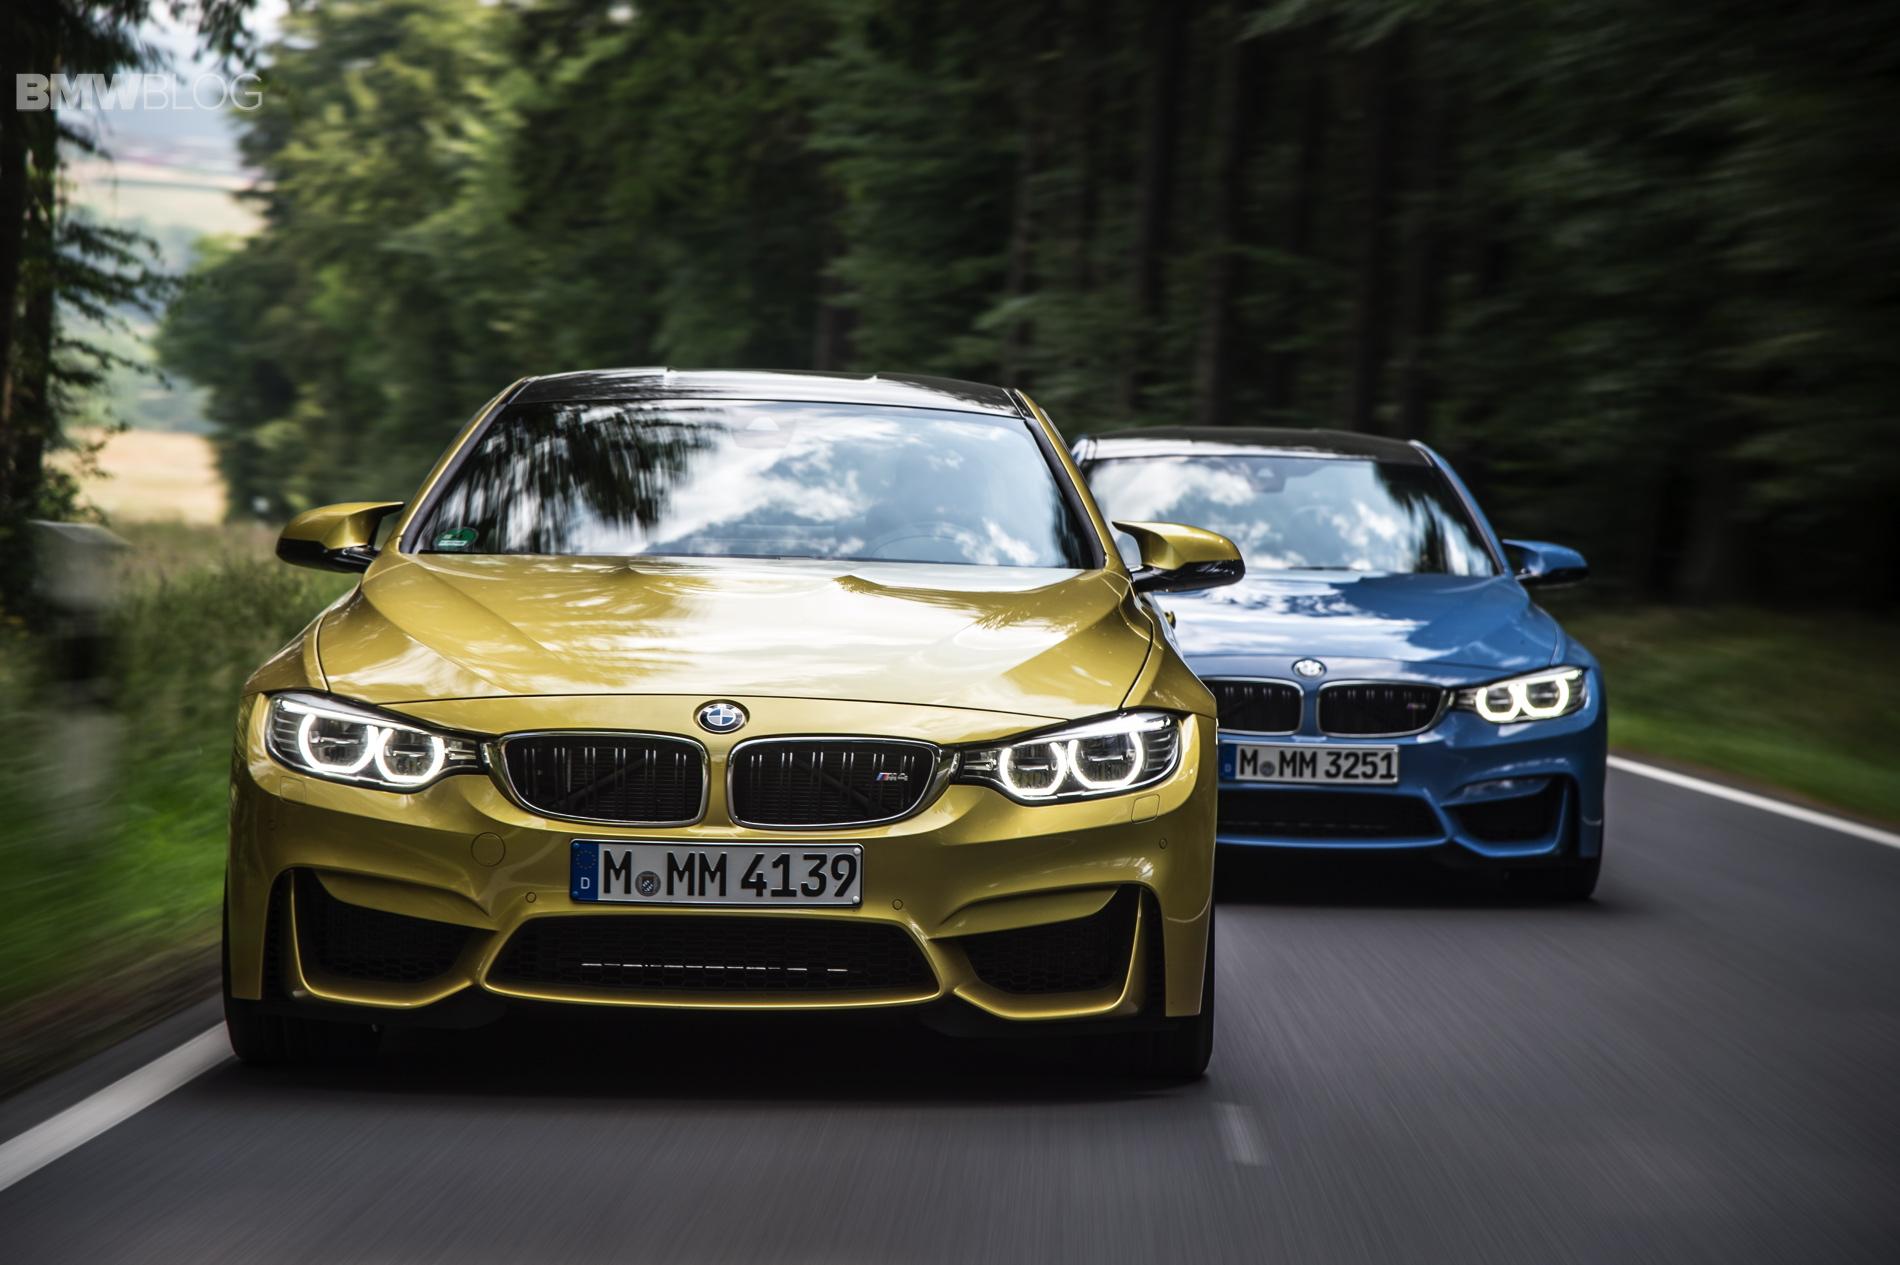 BMW заменит карбоновые карданные валы на стальные 1